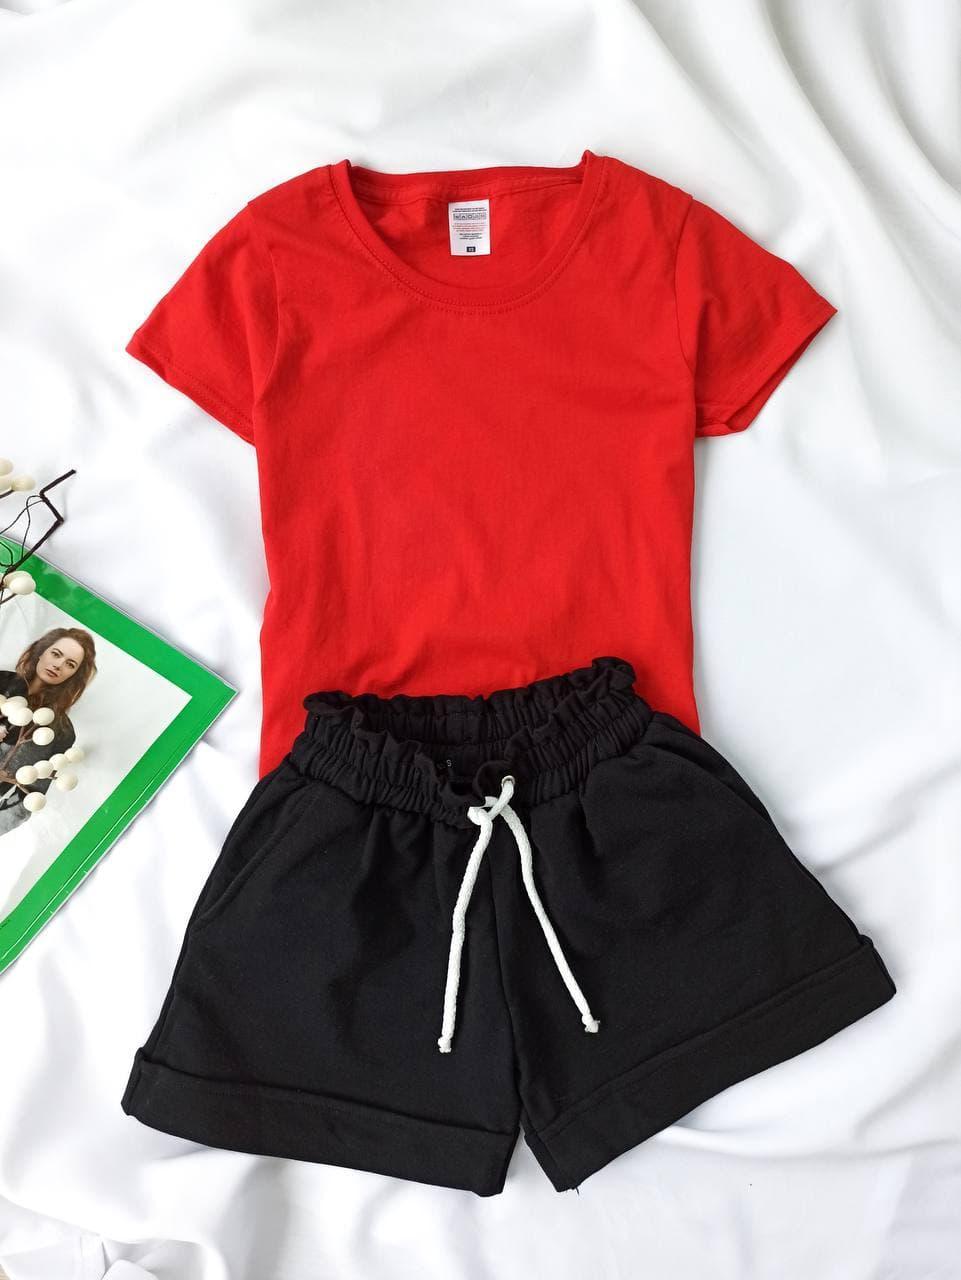 Комплект женский базовый (шорты и футболка). Женский летний костюм (красная футболка + черные шорты).